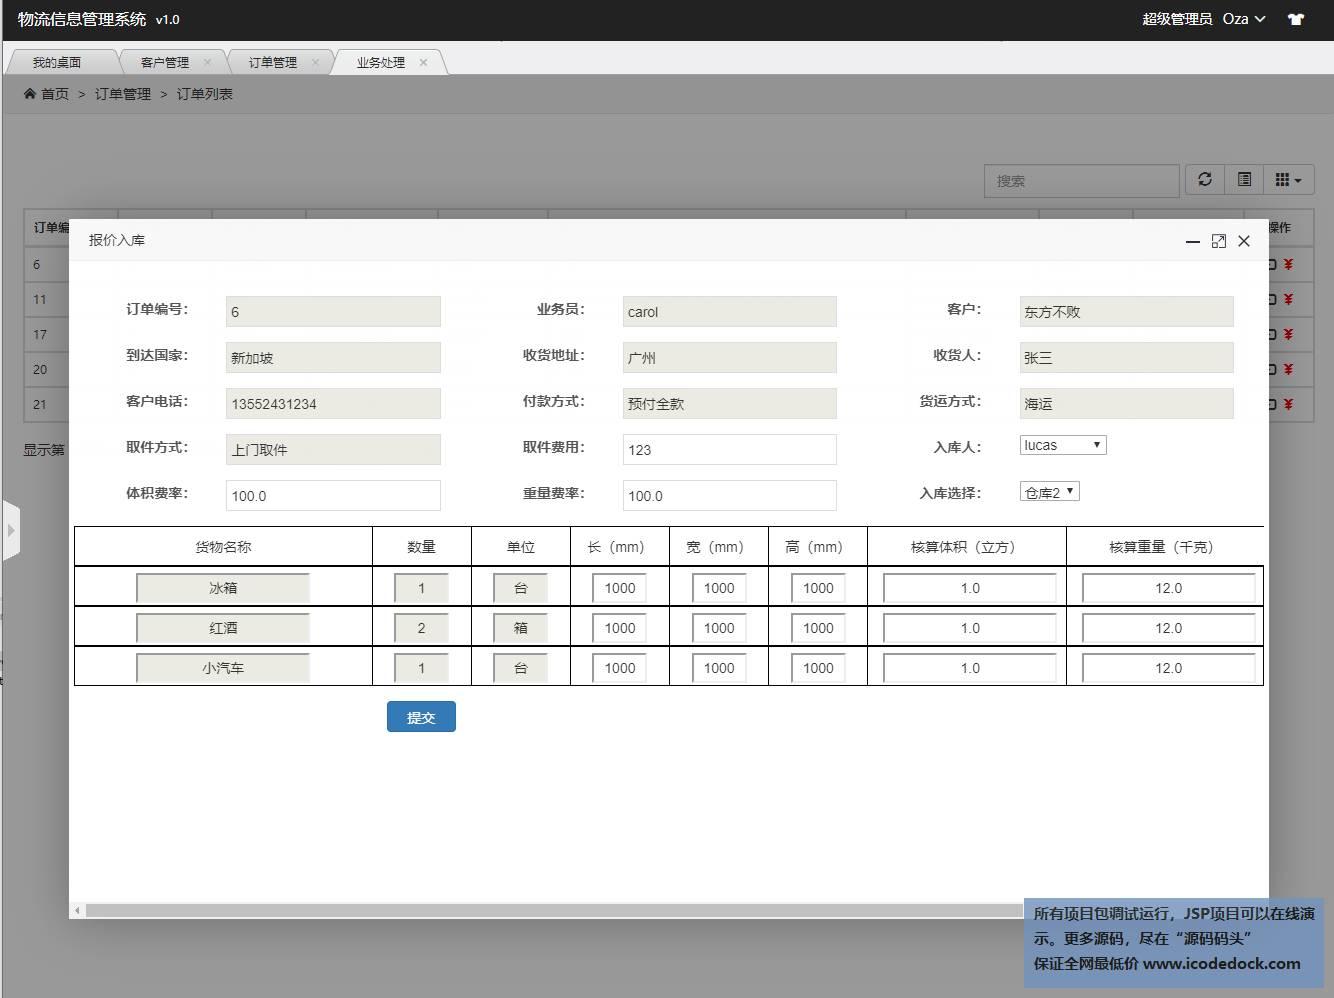 源码码头-SSM快递物流管理系统-管理员操作-货物入库